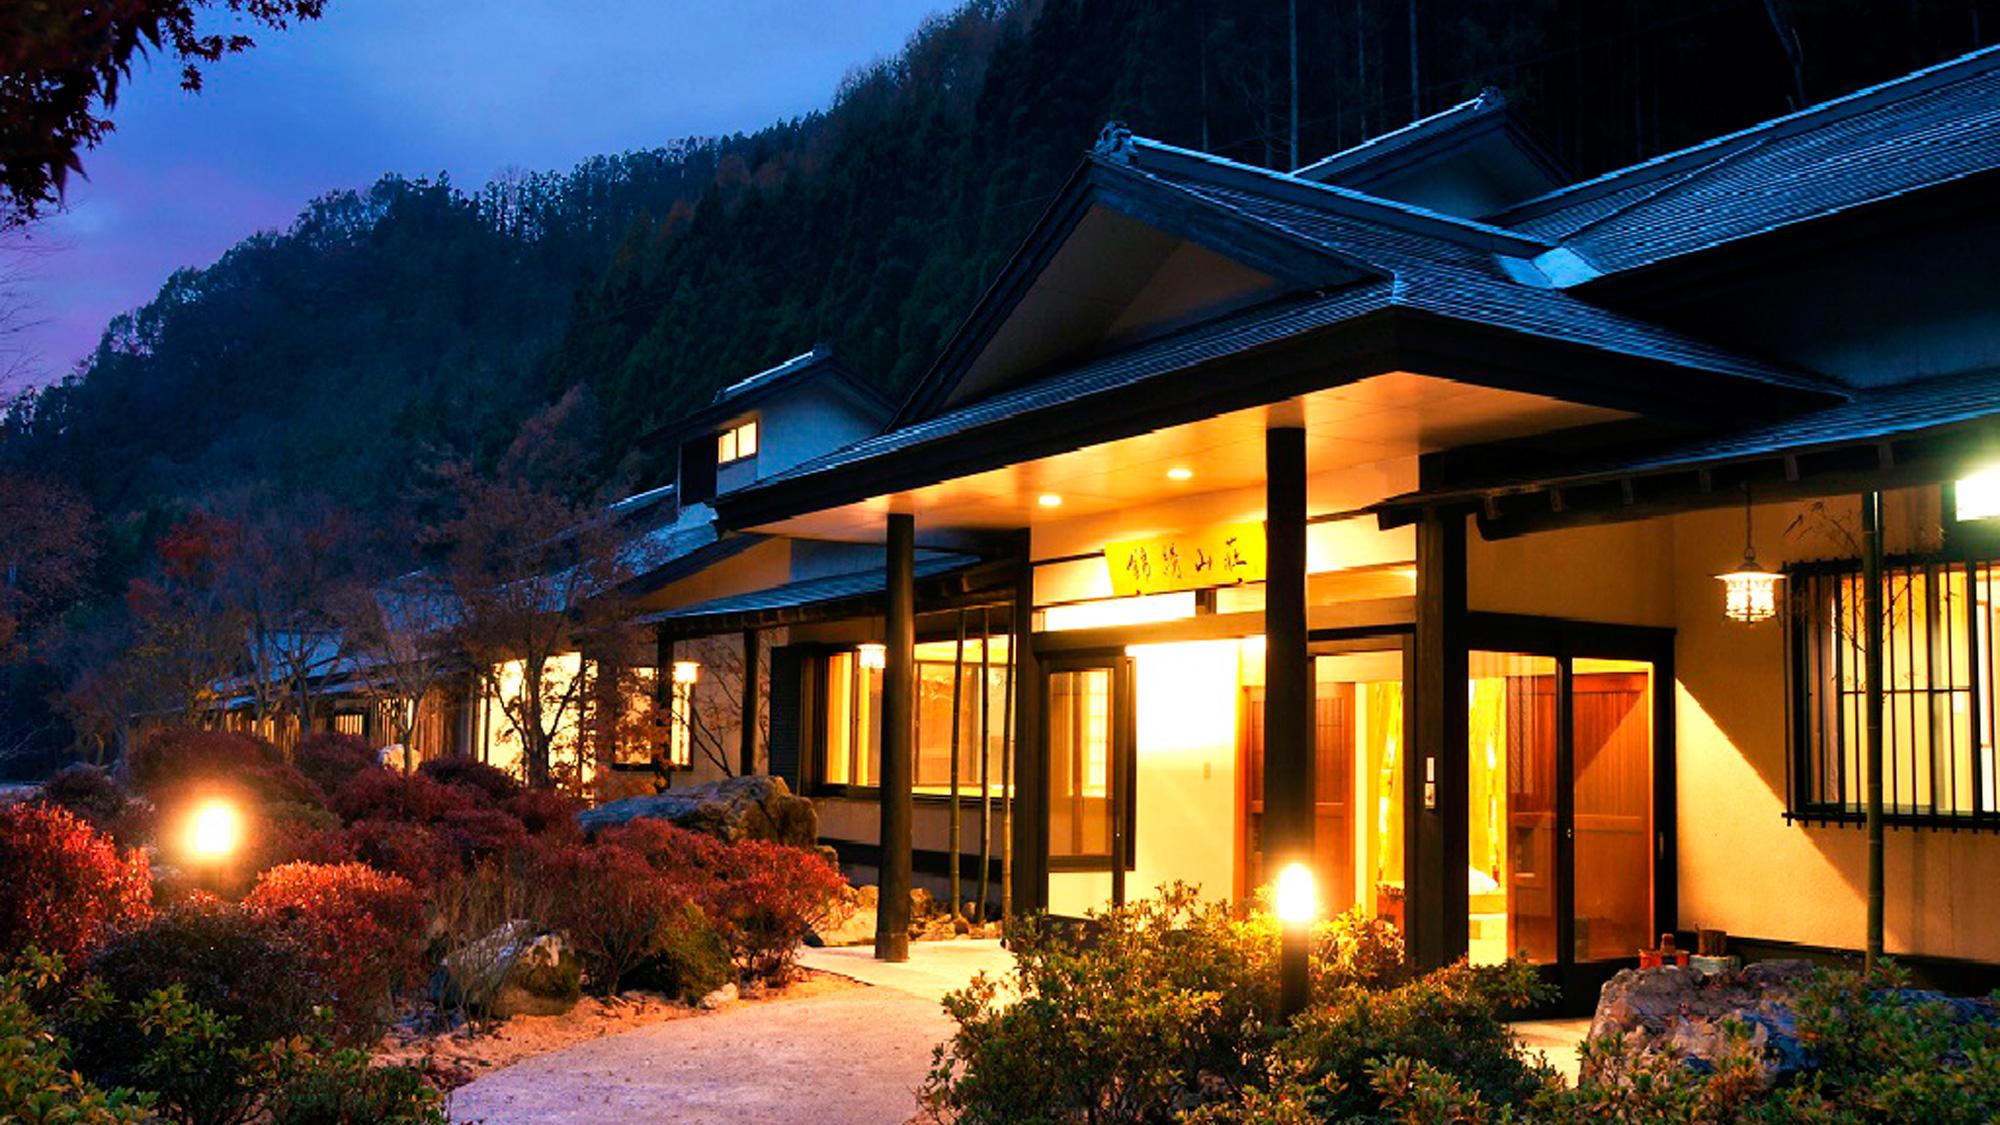 川場温泉 清流の里 錦綉山荘